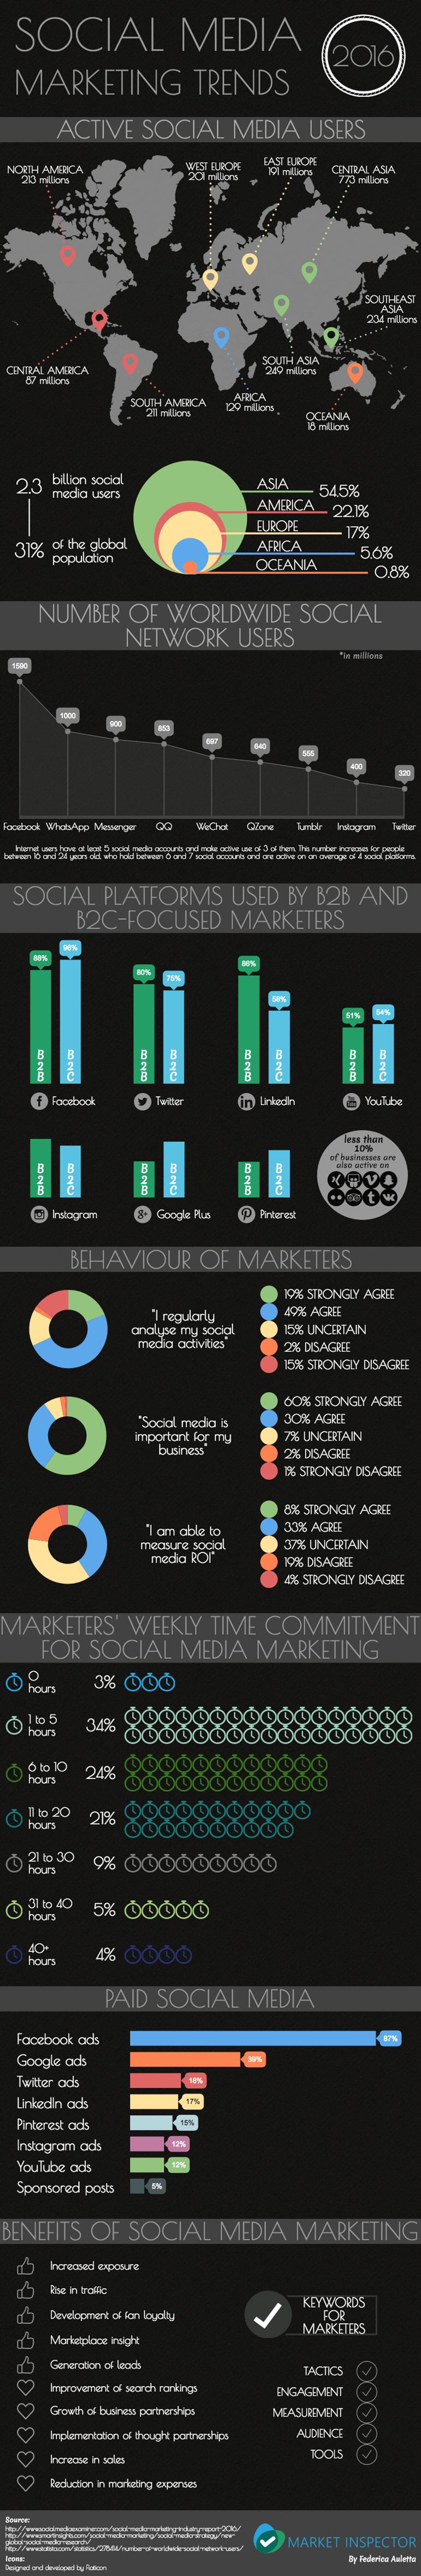 Social Media Marketing Trends 2016 by Market Inspector